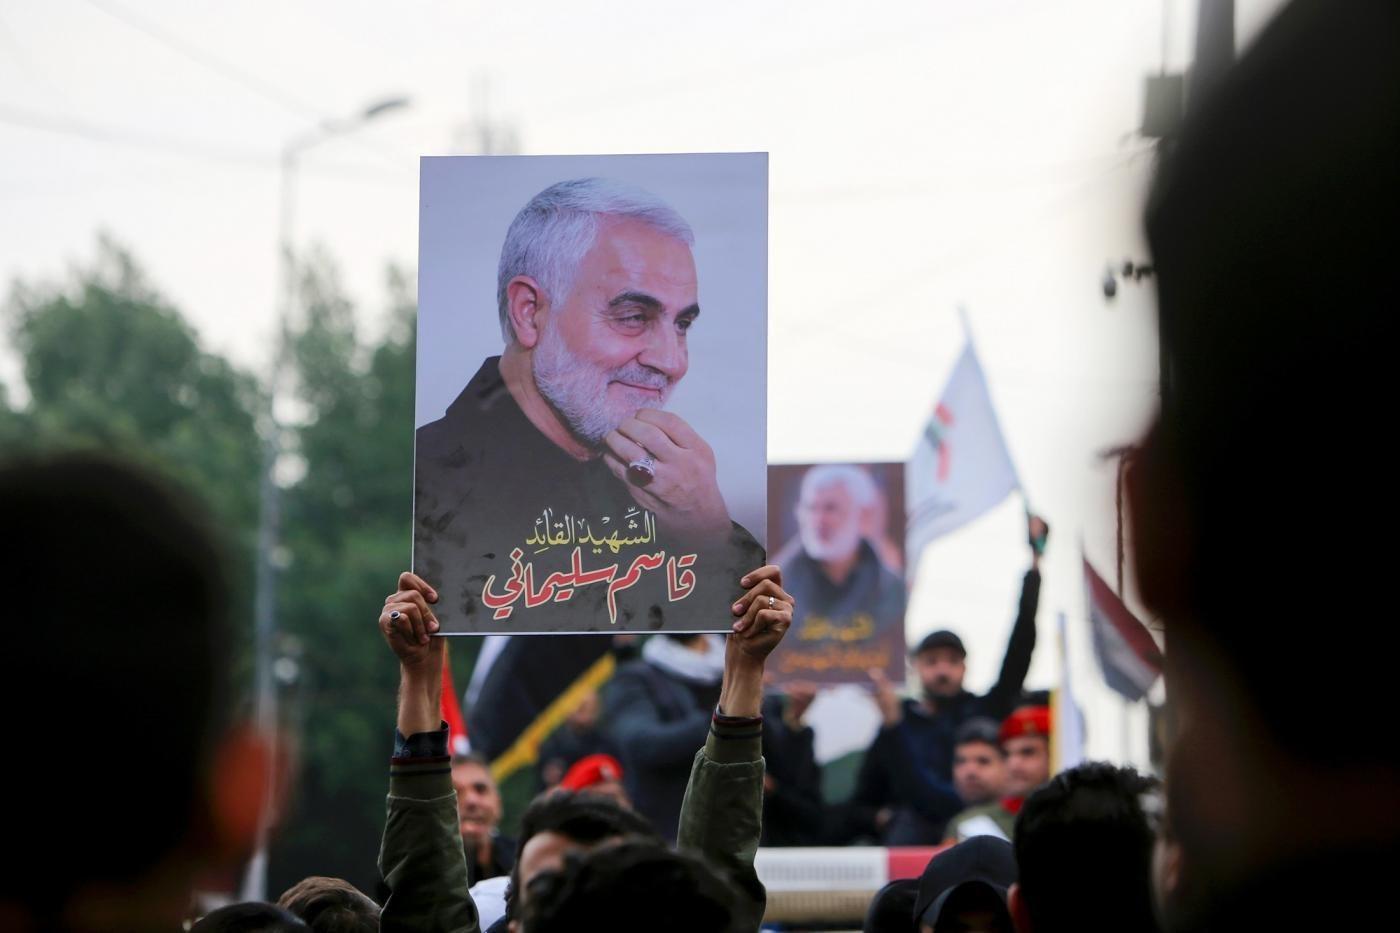 التحقيقات مستمرة في إيران والعراق حول اغتيال الشهيدين سليماني والمهندس (أ.ف.ب)